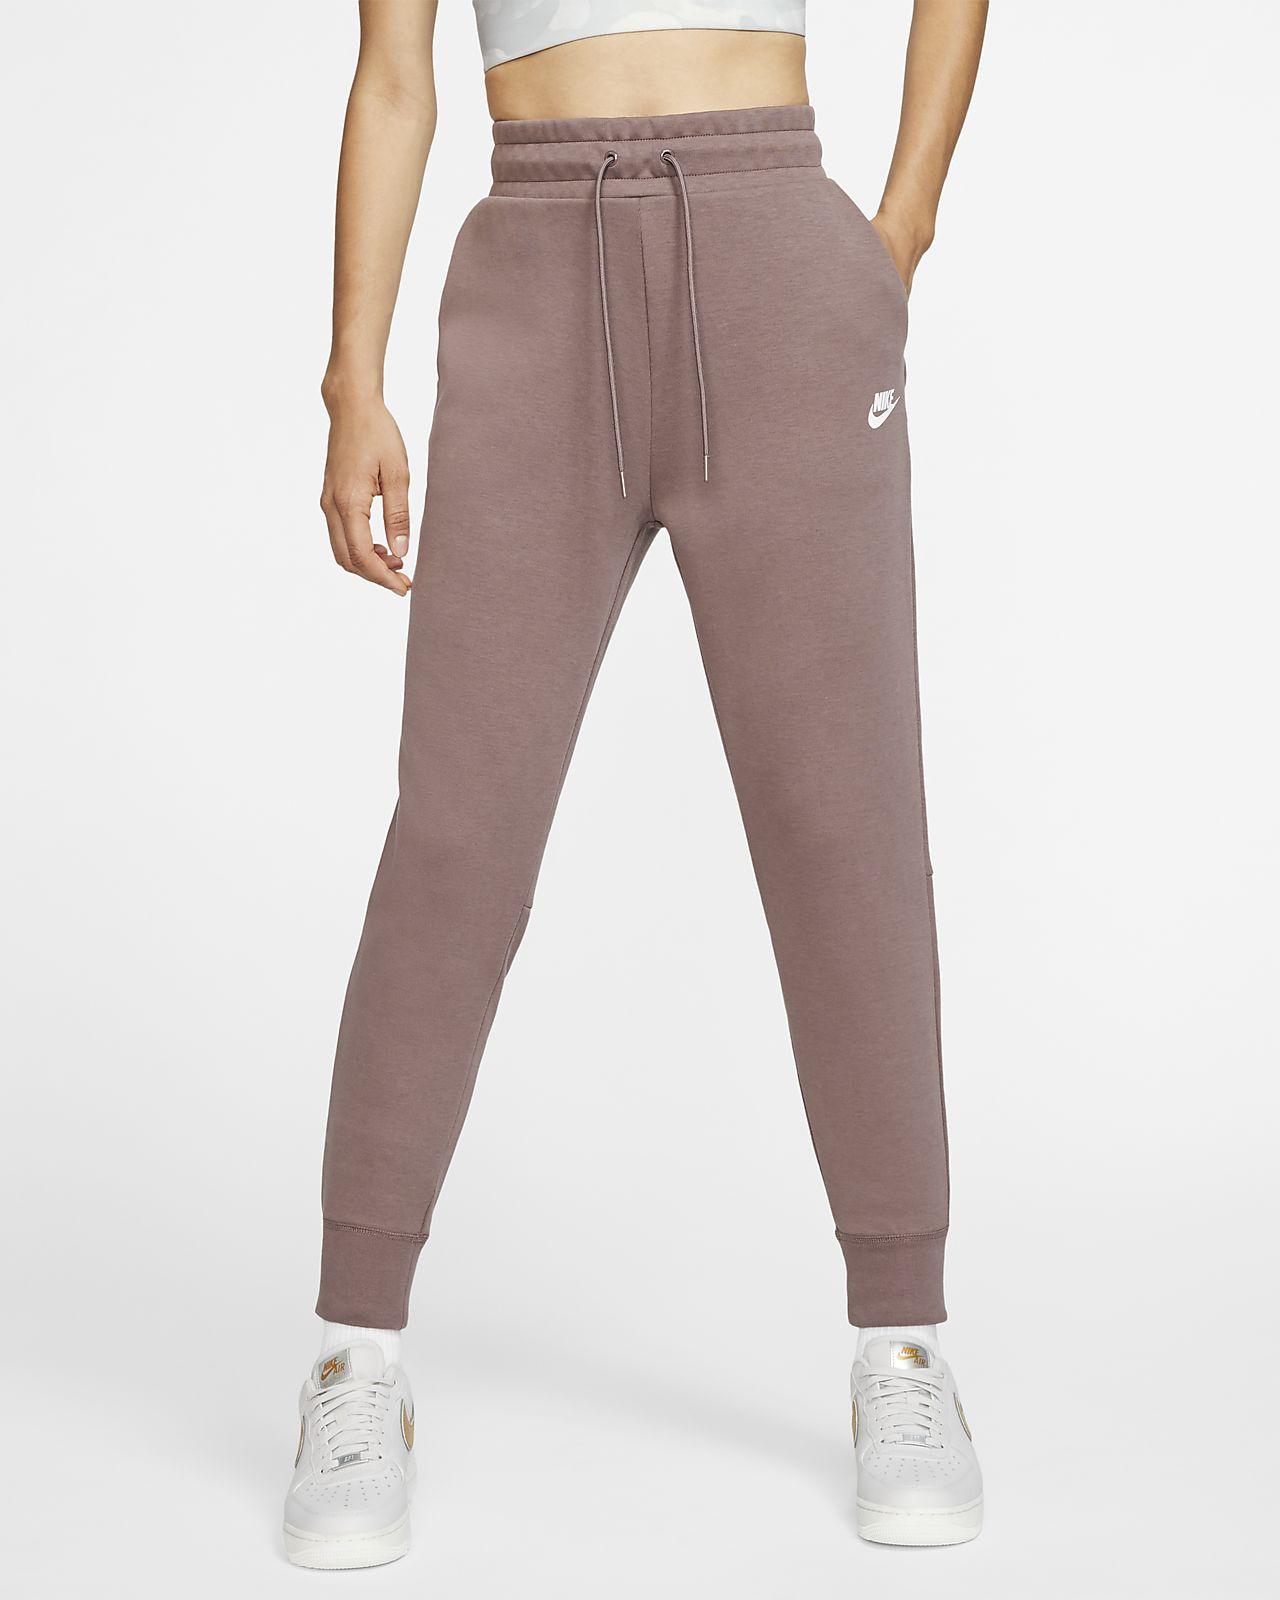 Pantalon Nike Sportswear Tech Fleece Pour Femme Noir